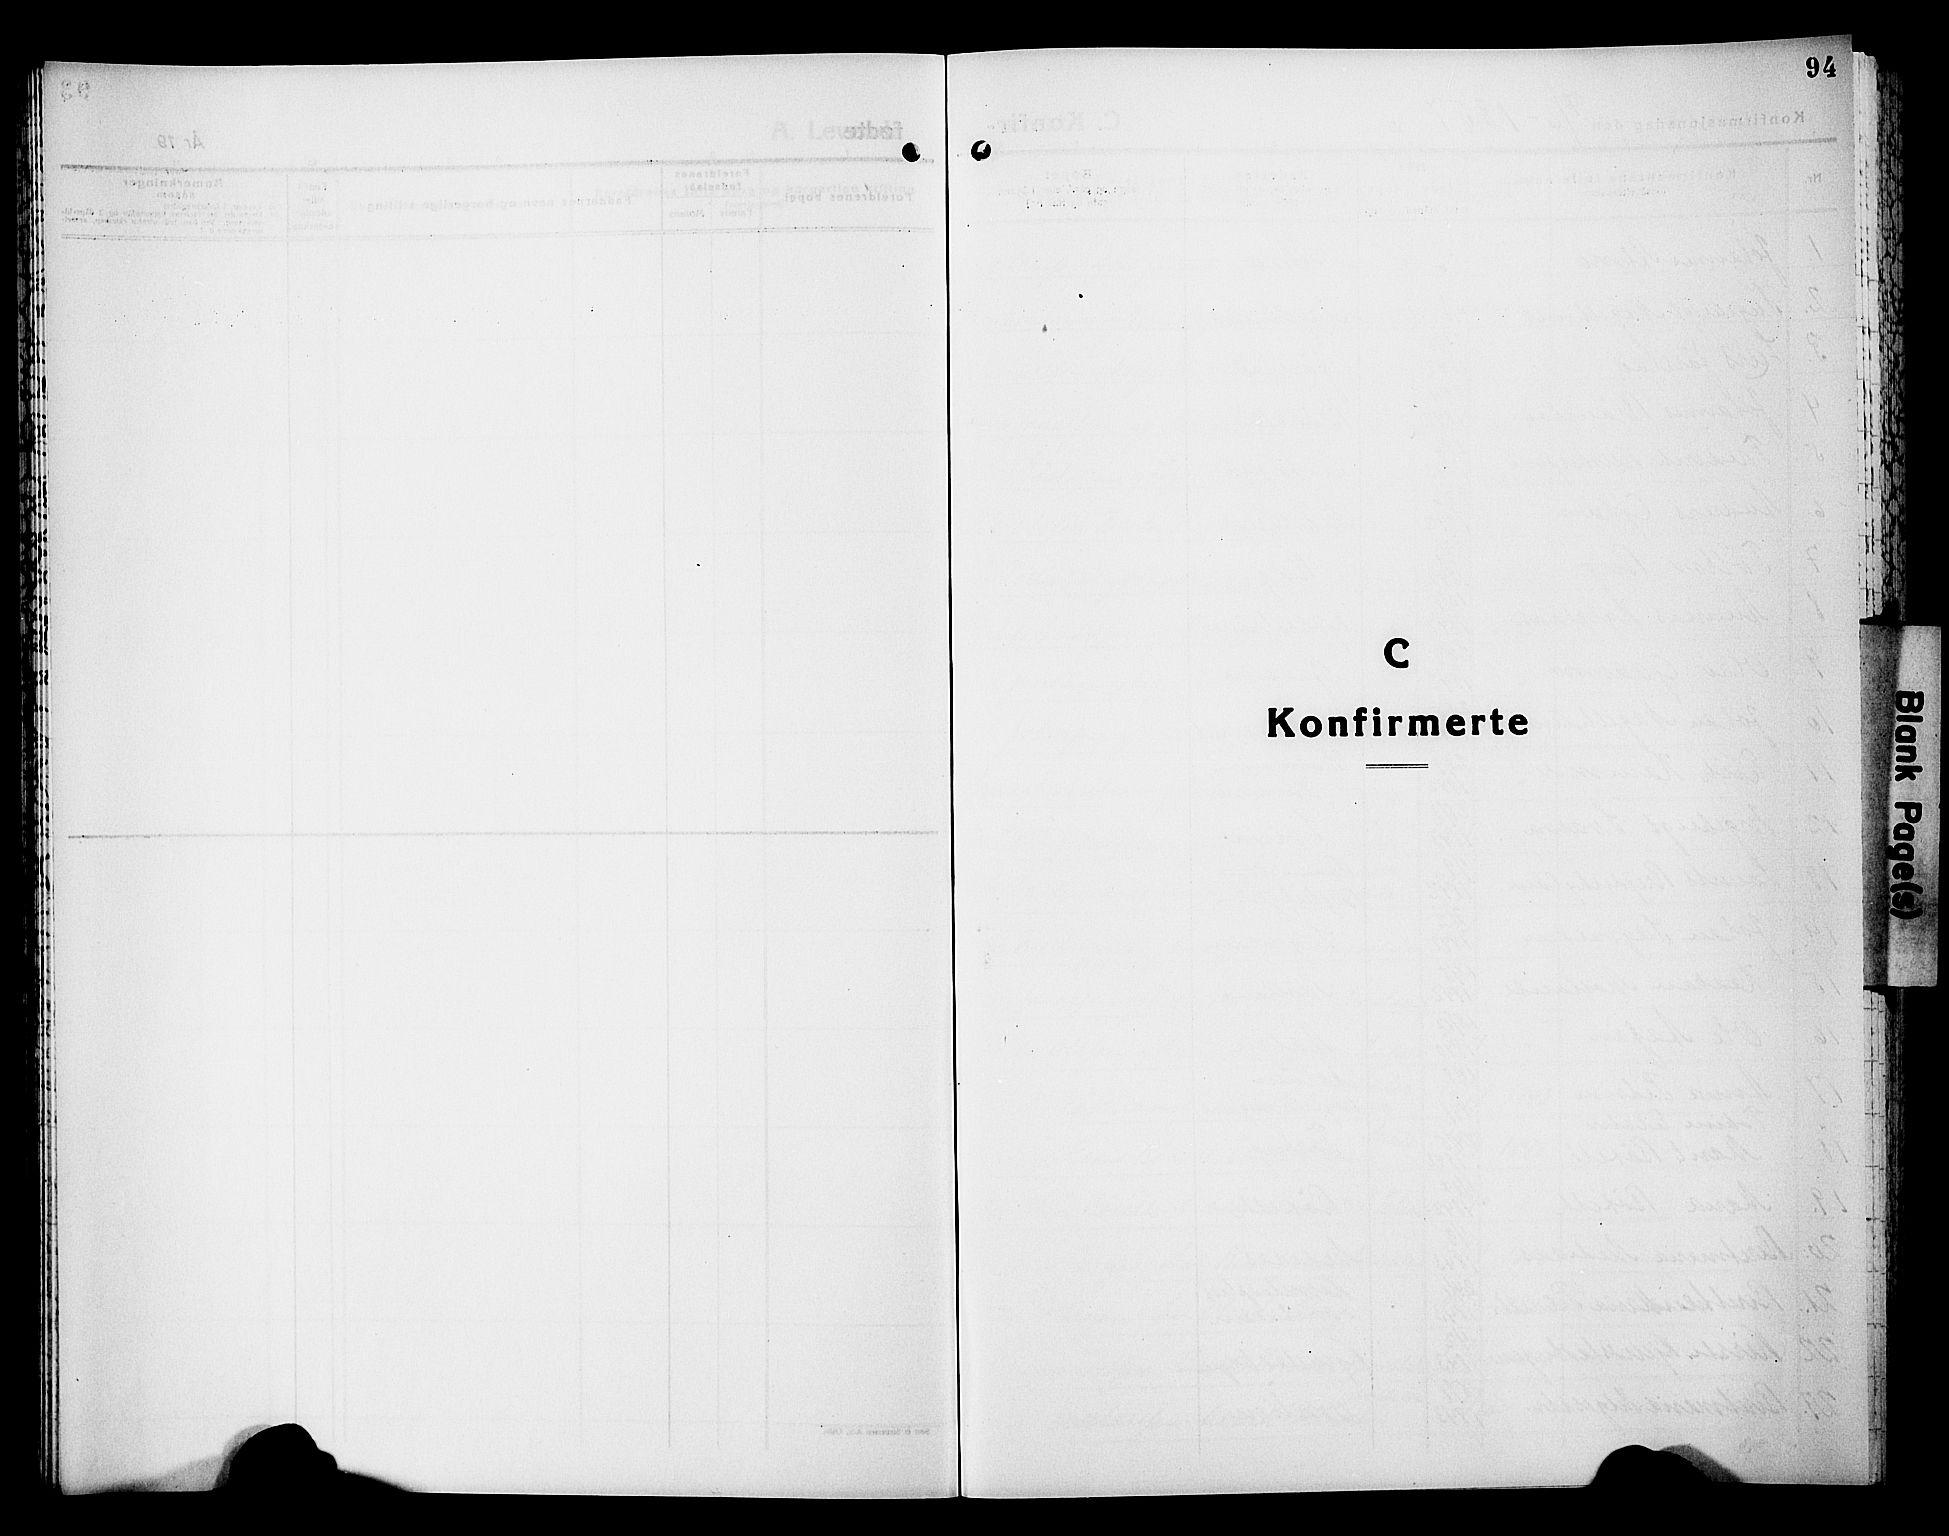 SAT, Ministerialprotokoller, klokkerbøker og fødselsregistre - Nord-Trøndelag, 749/L0485: Ministerialbok nr. 749D01, 1857-1872, s. 94